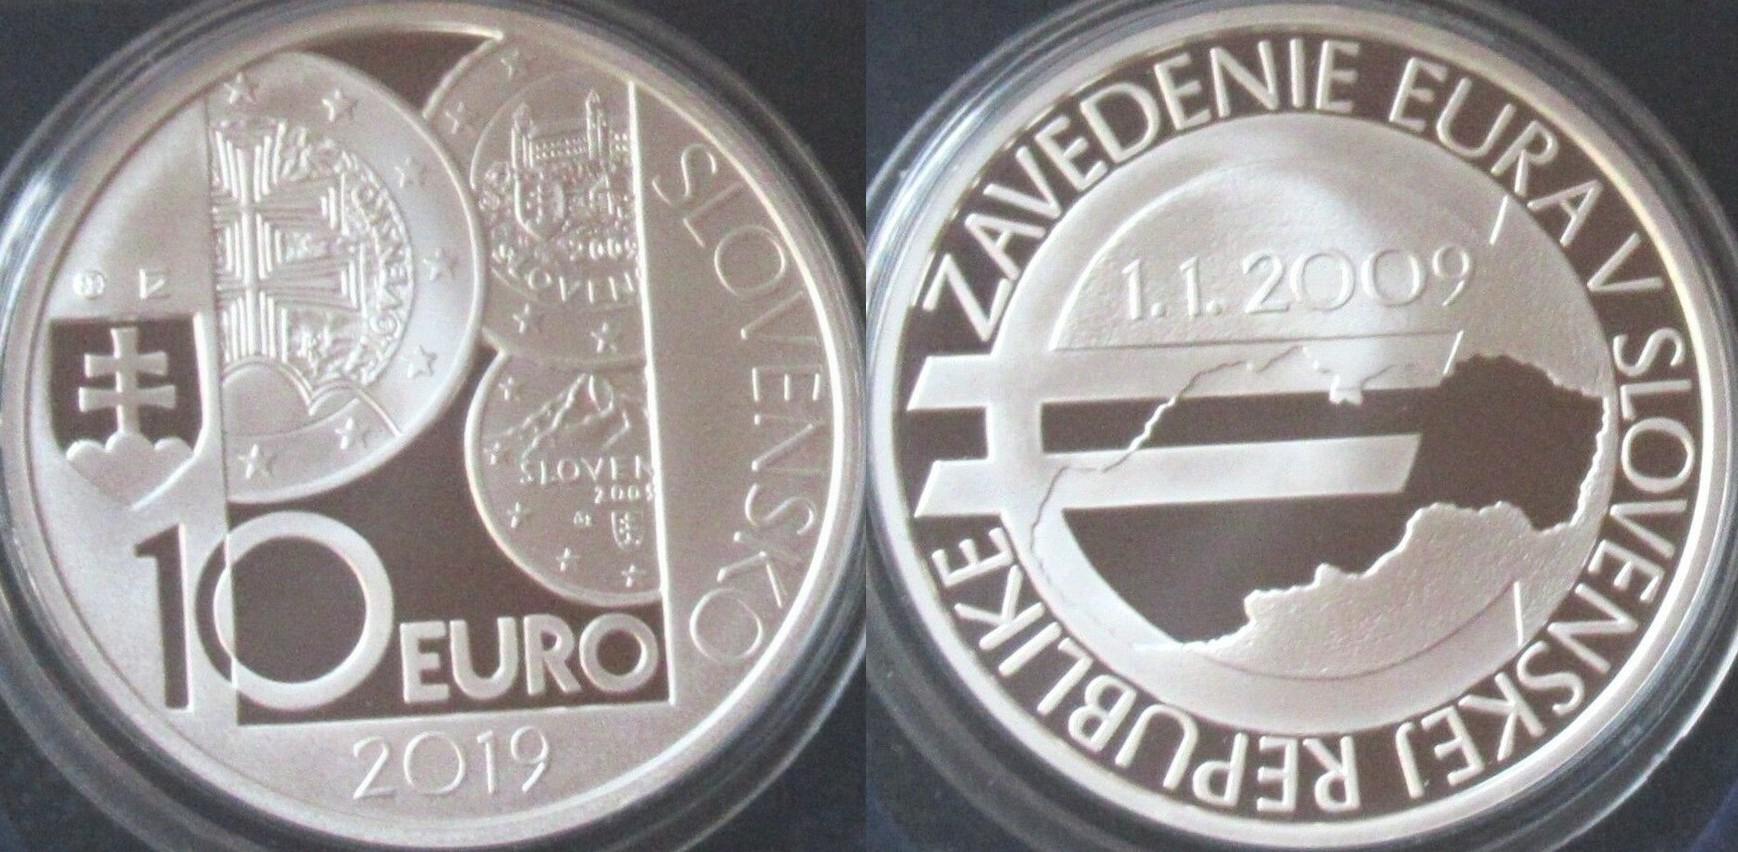 slovaquie 2019 10 ans de l'euro